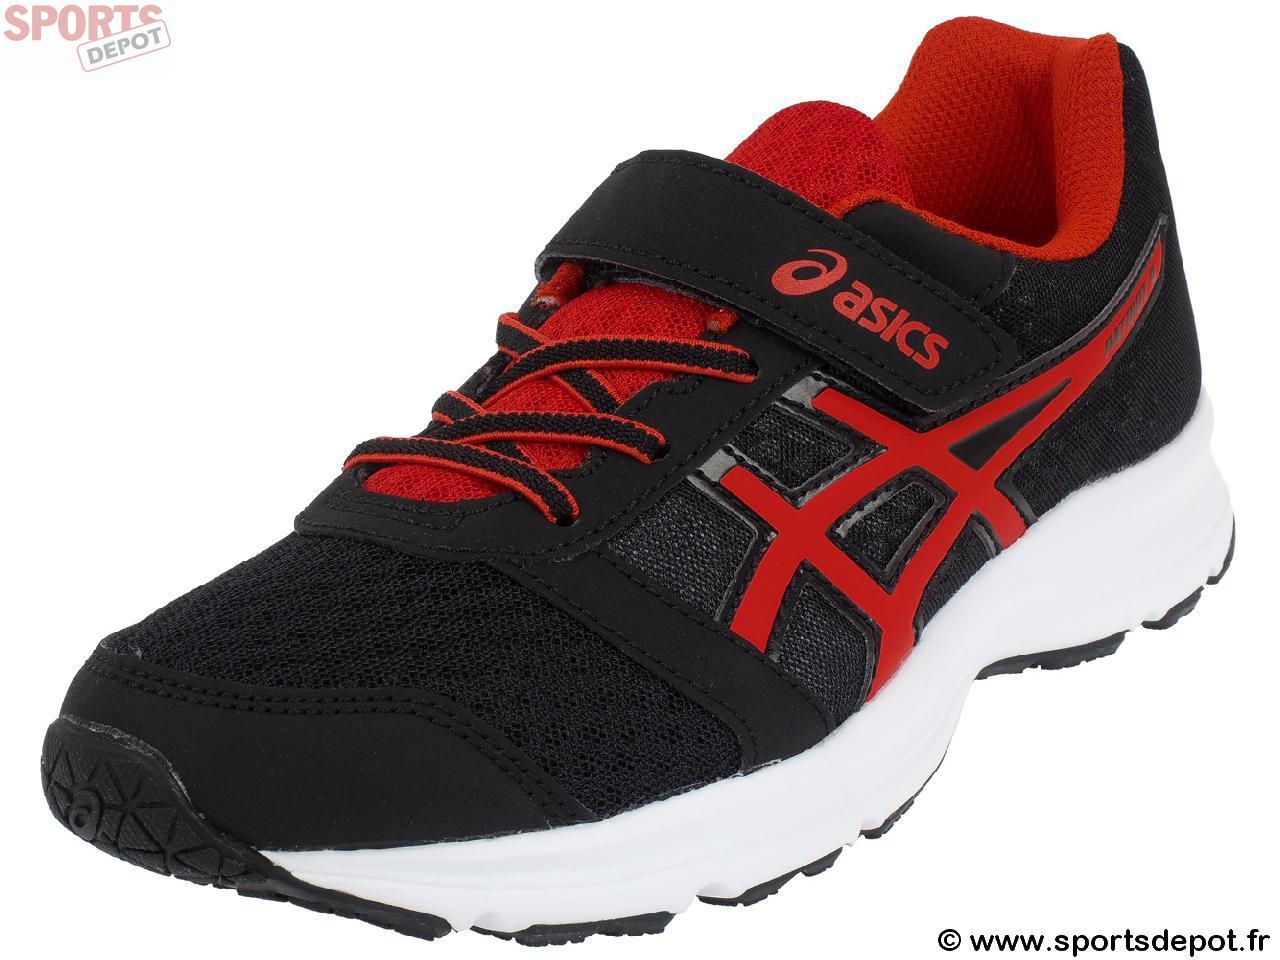 Achat chaussures Asics Enfant Basket, vente Asics PATRIOT 9